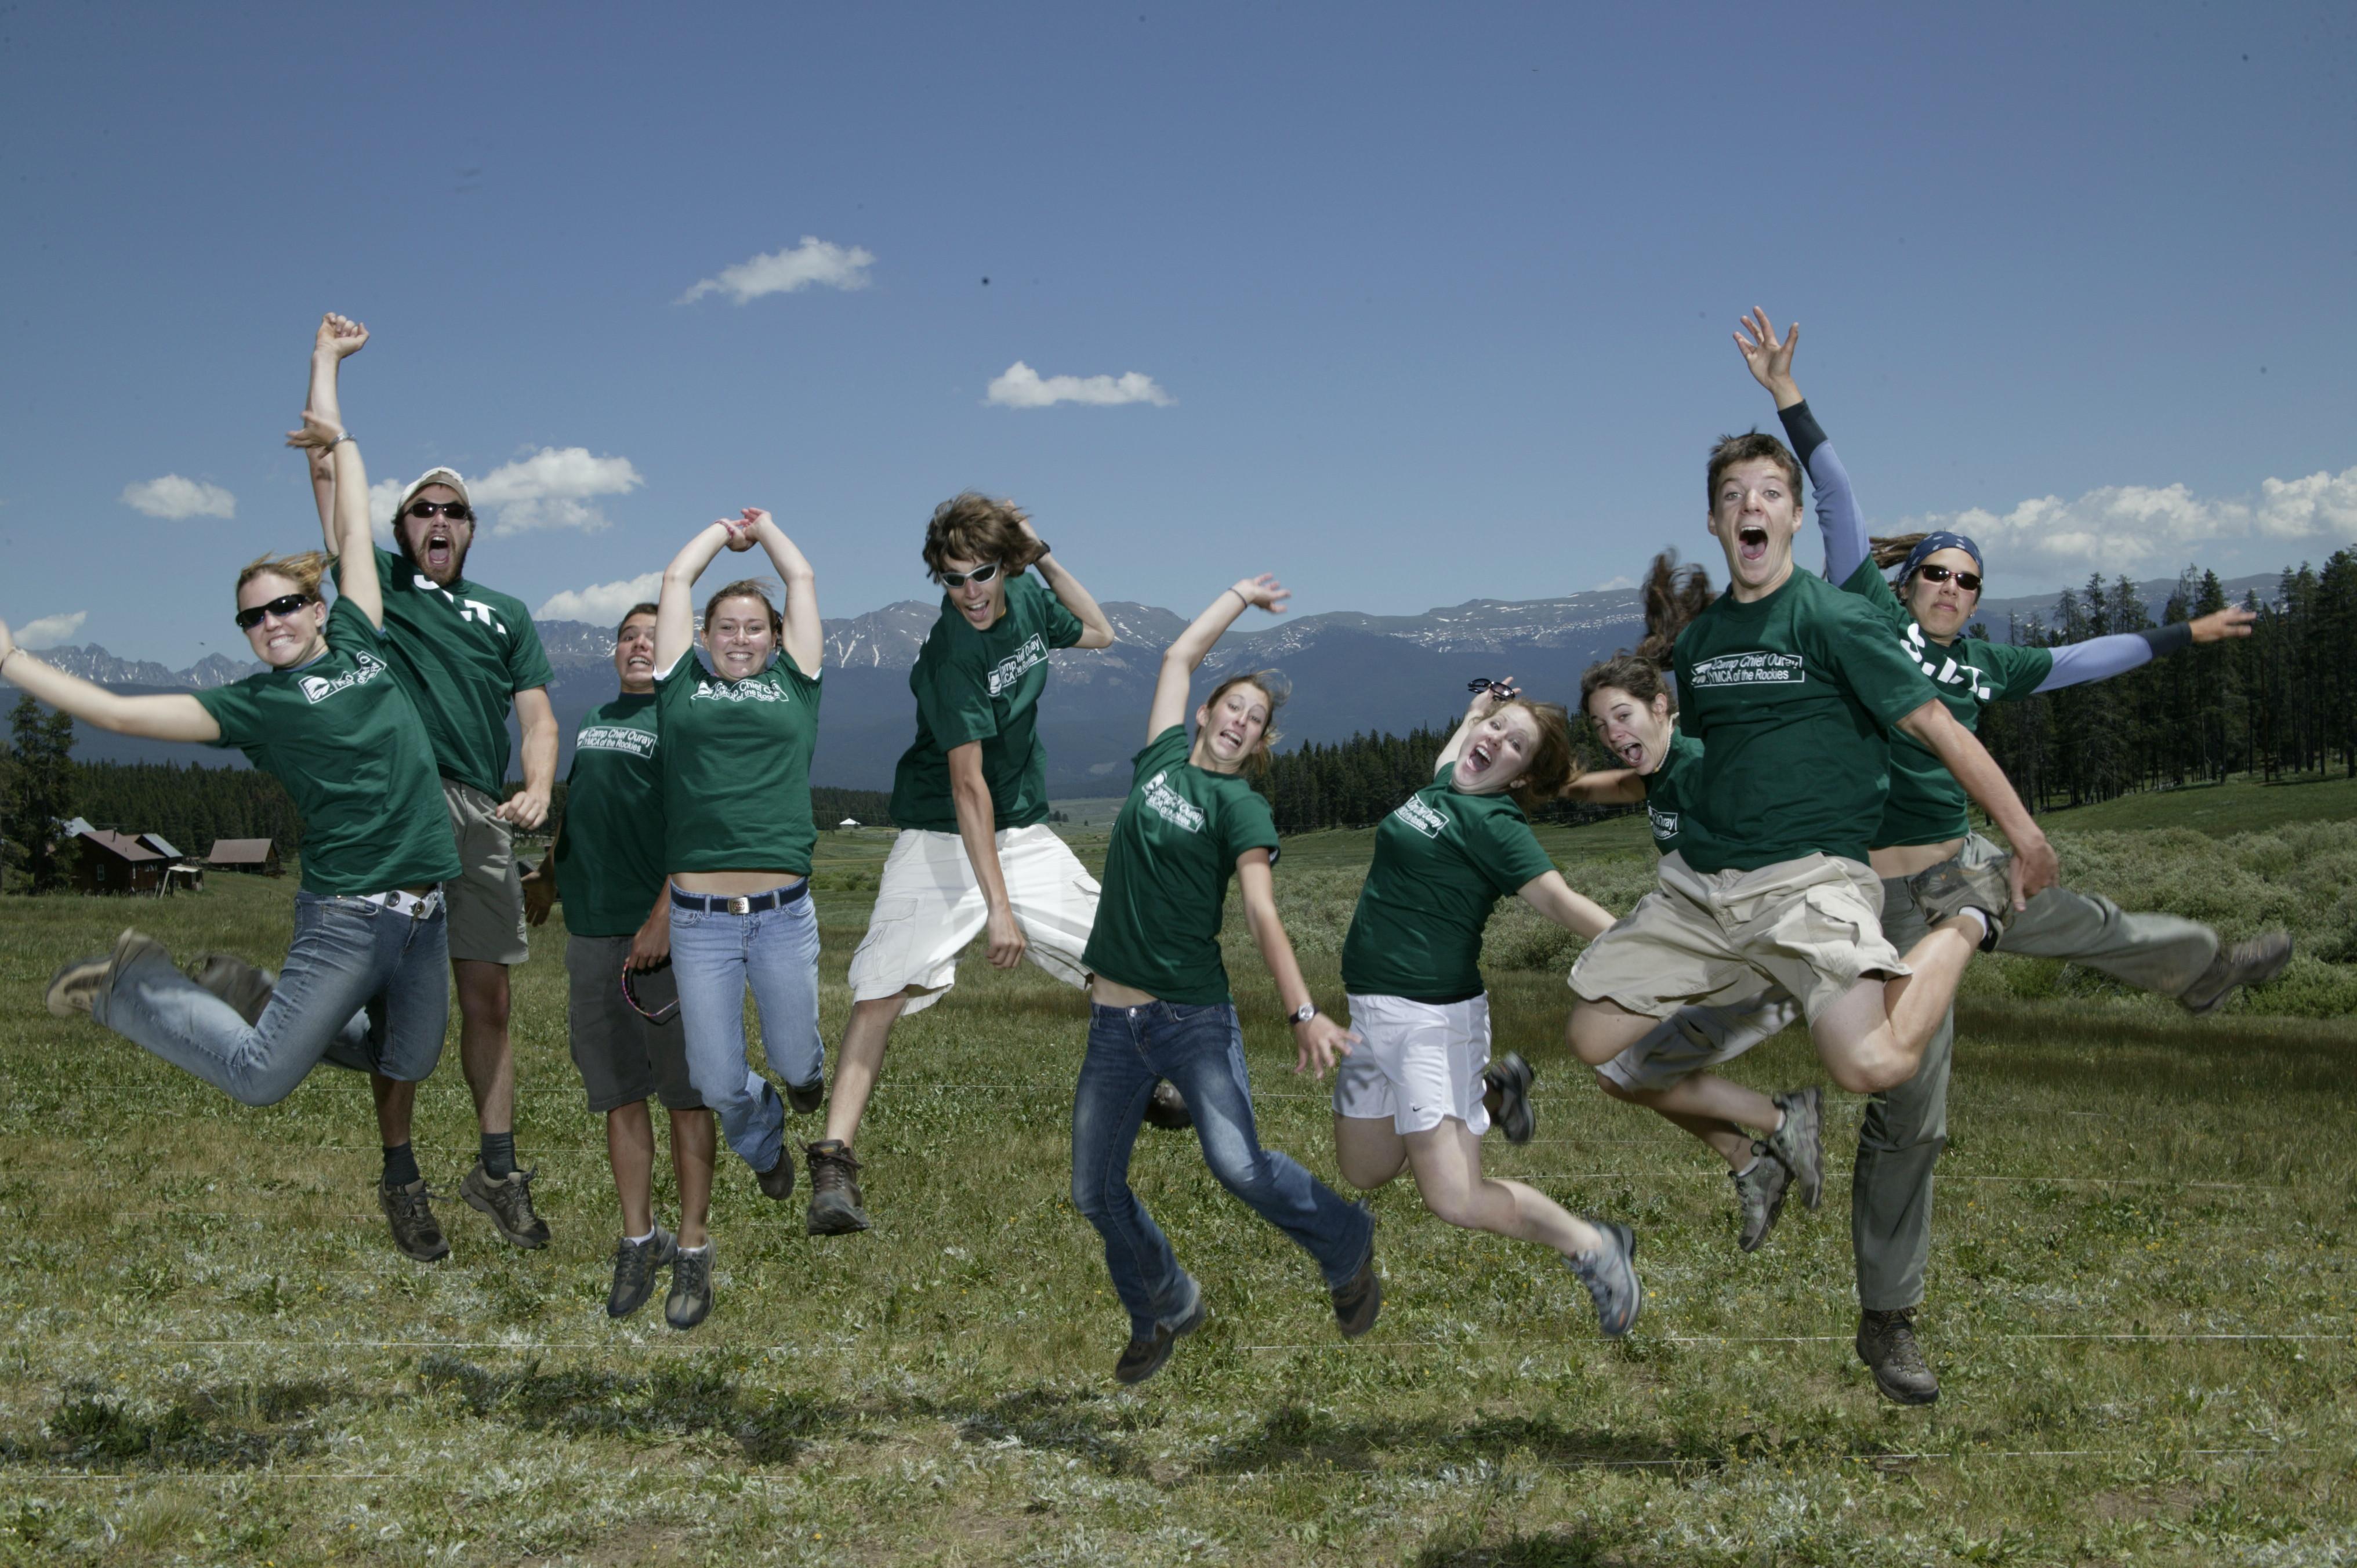 Green_shirt_Jump